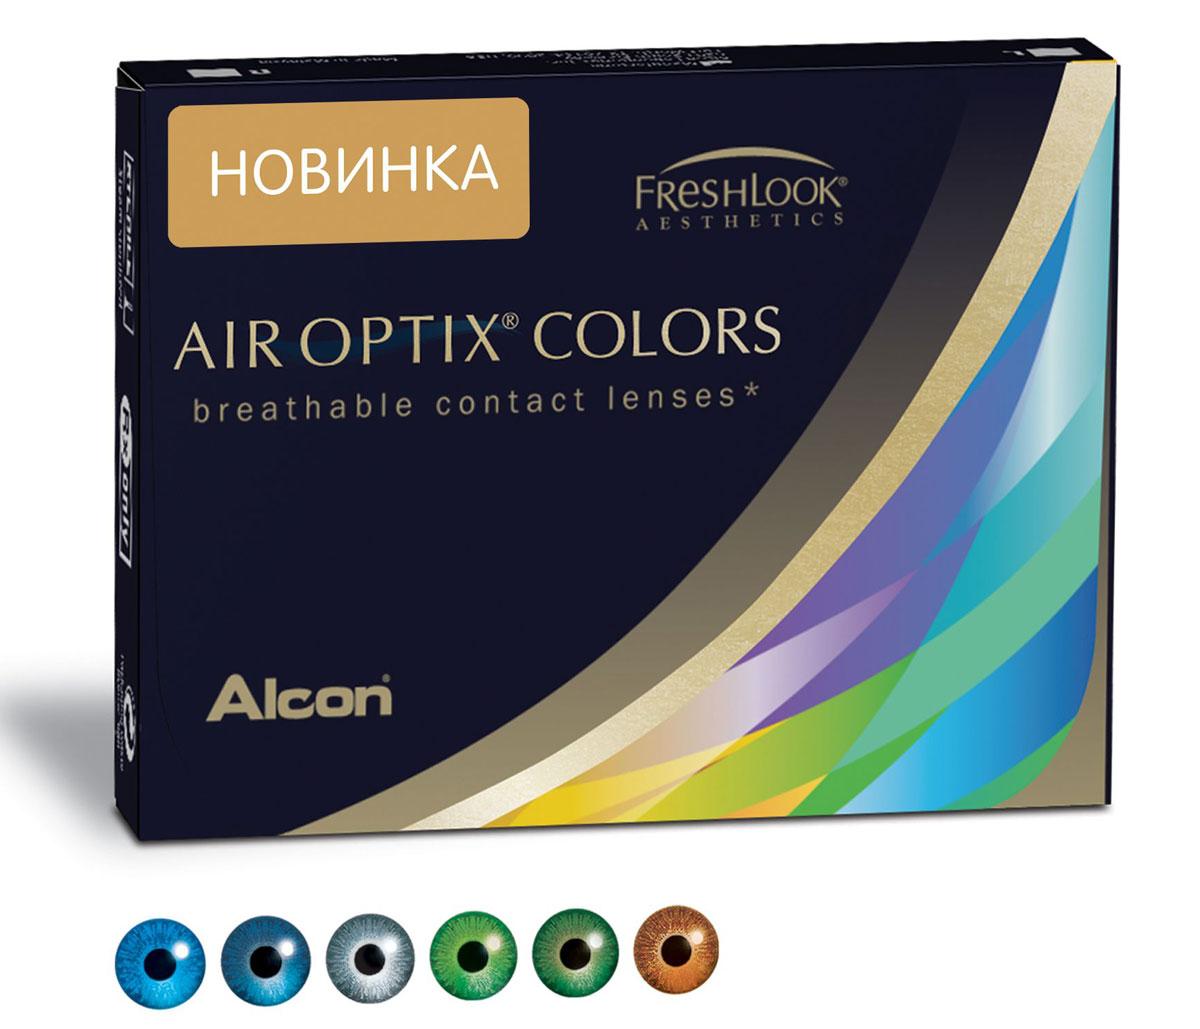 Аlcon контактные линзы Air Optix Colors 2 шт -1.00 GreenФМ000000314Мягкие контактные линзыКонтактные линзы или очки: советы офтальмологов. Статья OZON Гид